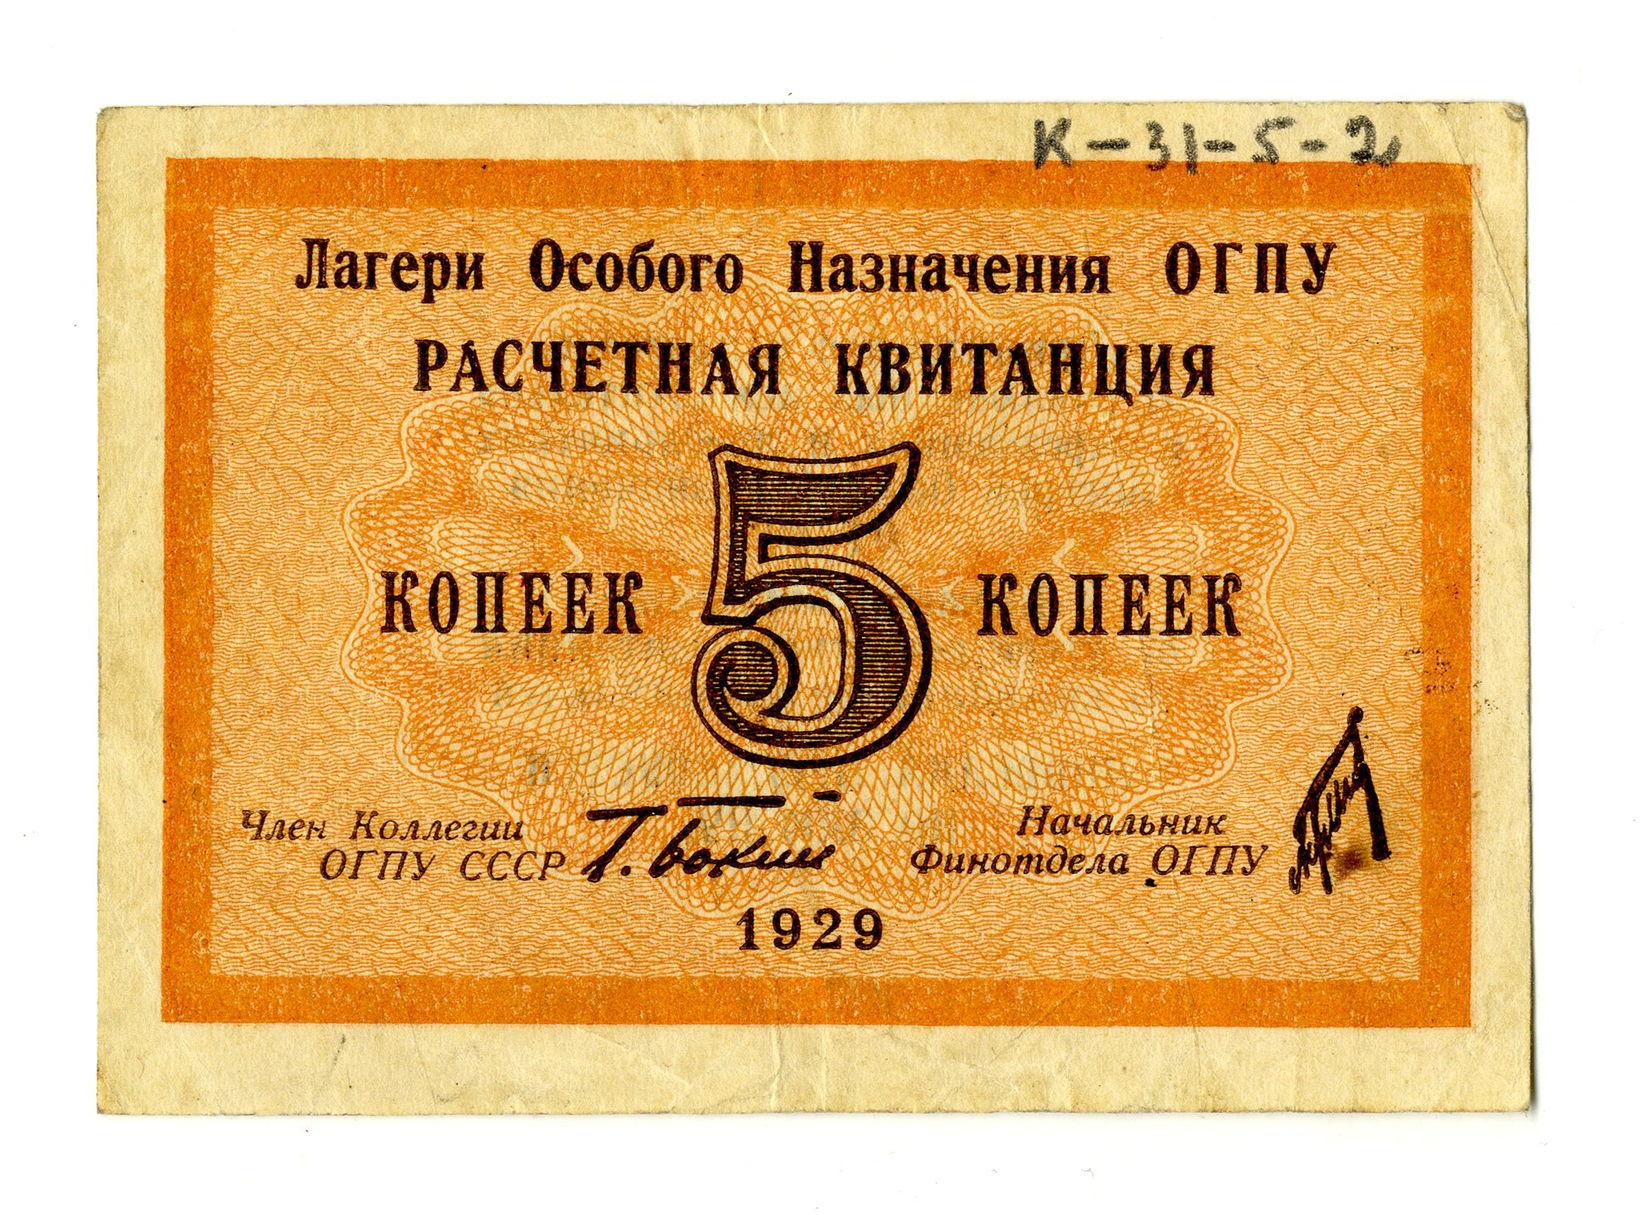 Лицевая сторона расчетной квитанции лагерей особого назначения ОГПУ номиналом в 5 копеек.